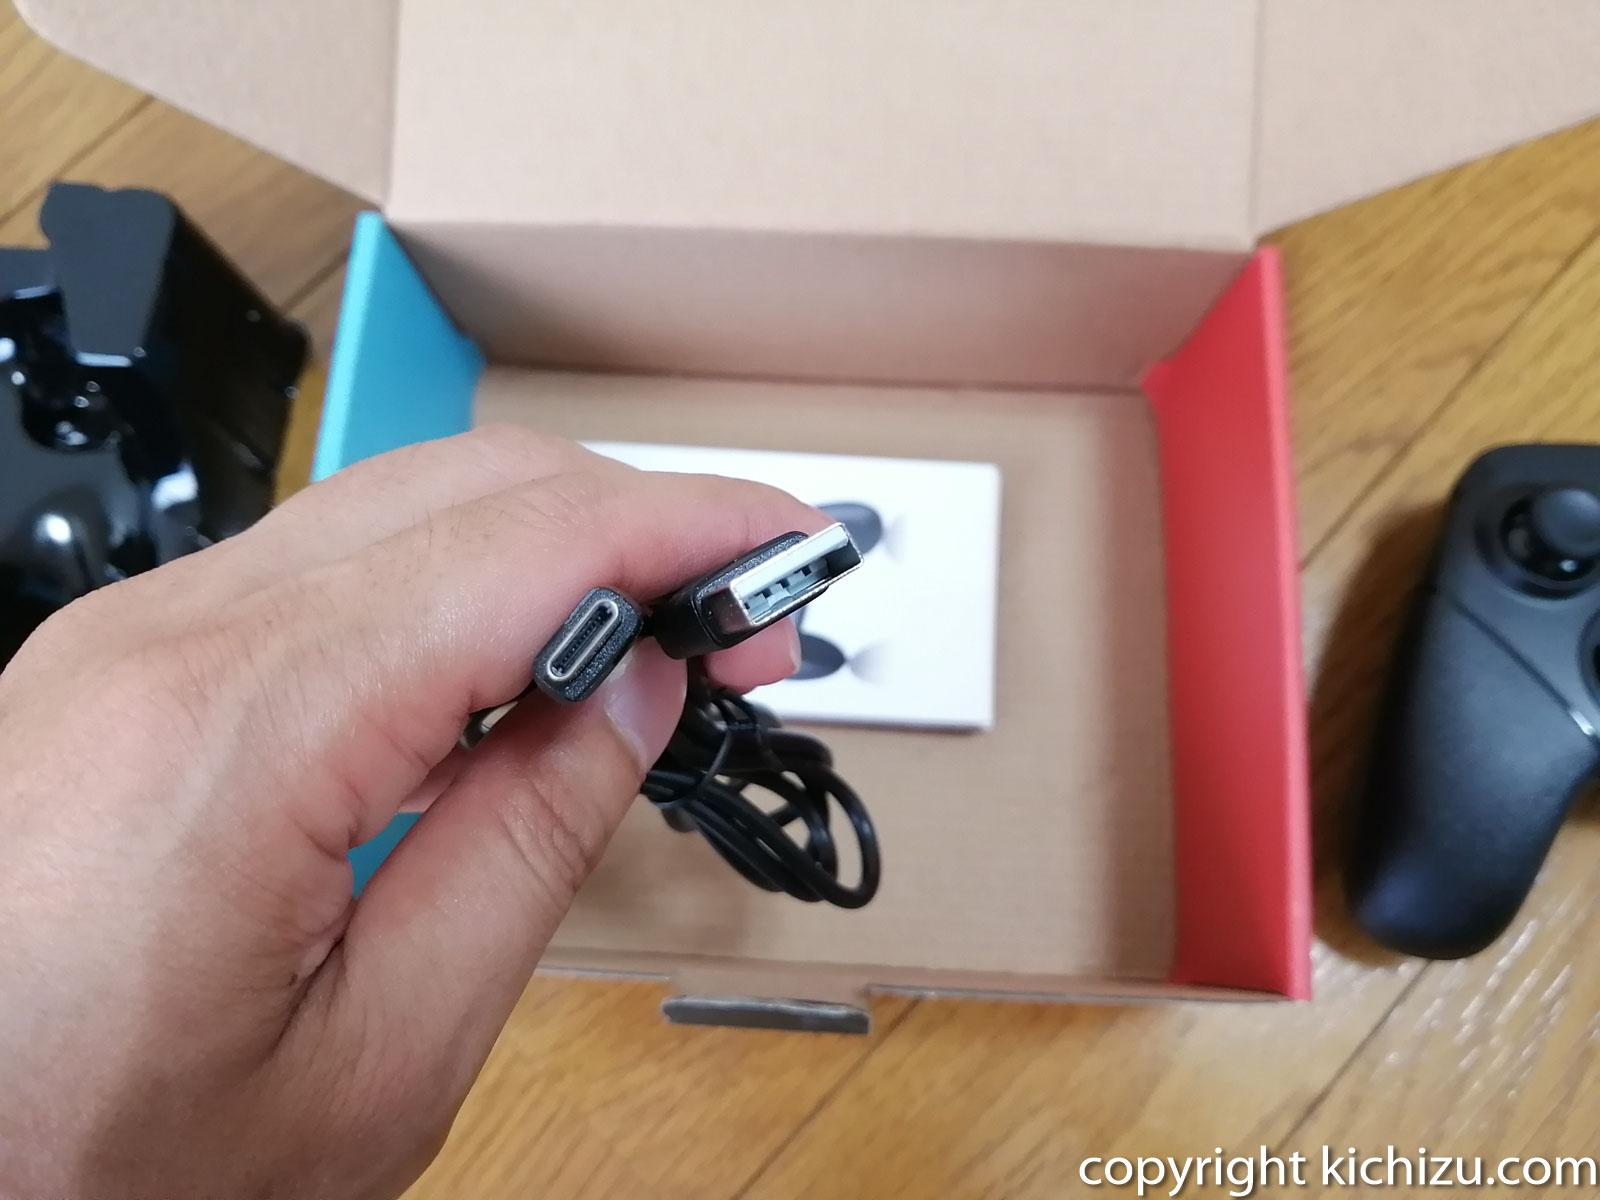 ケーブルは USB TypeAとUSB Type C